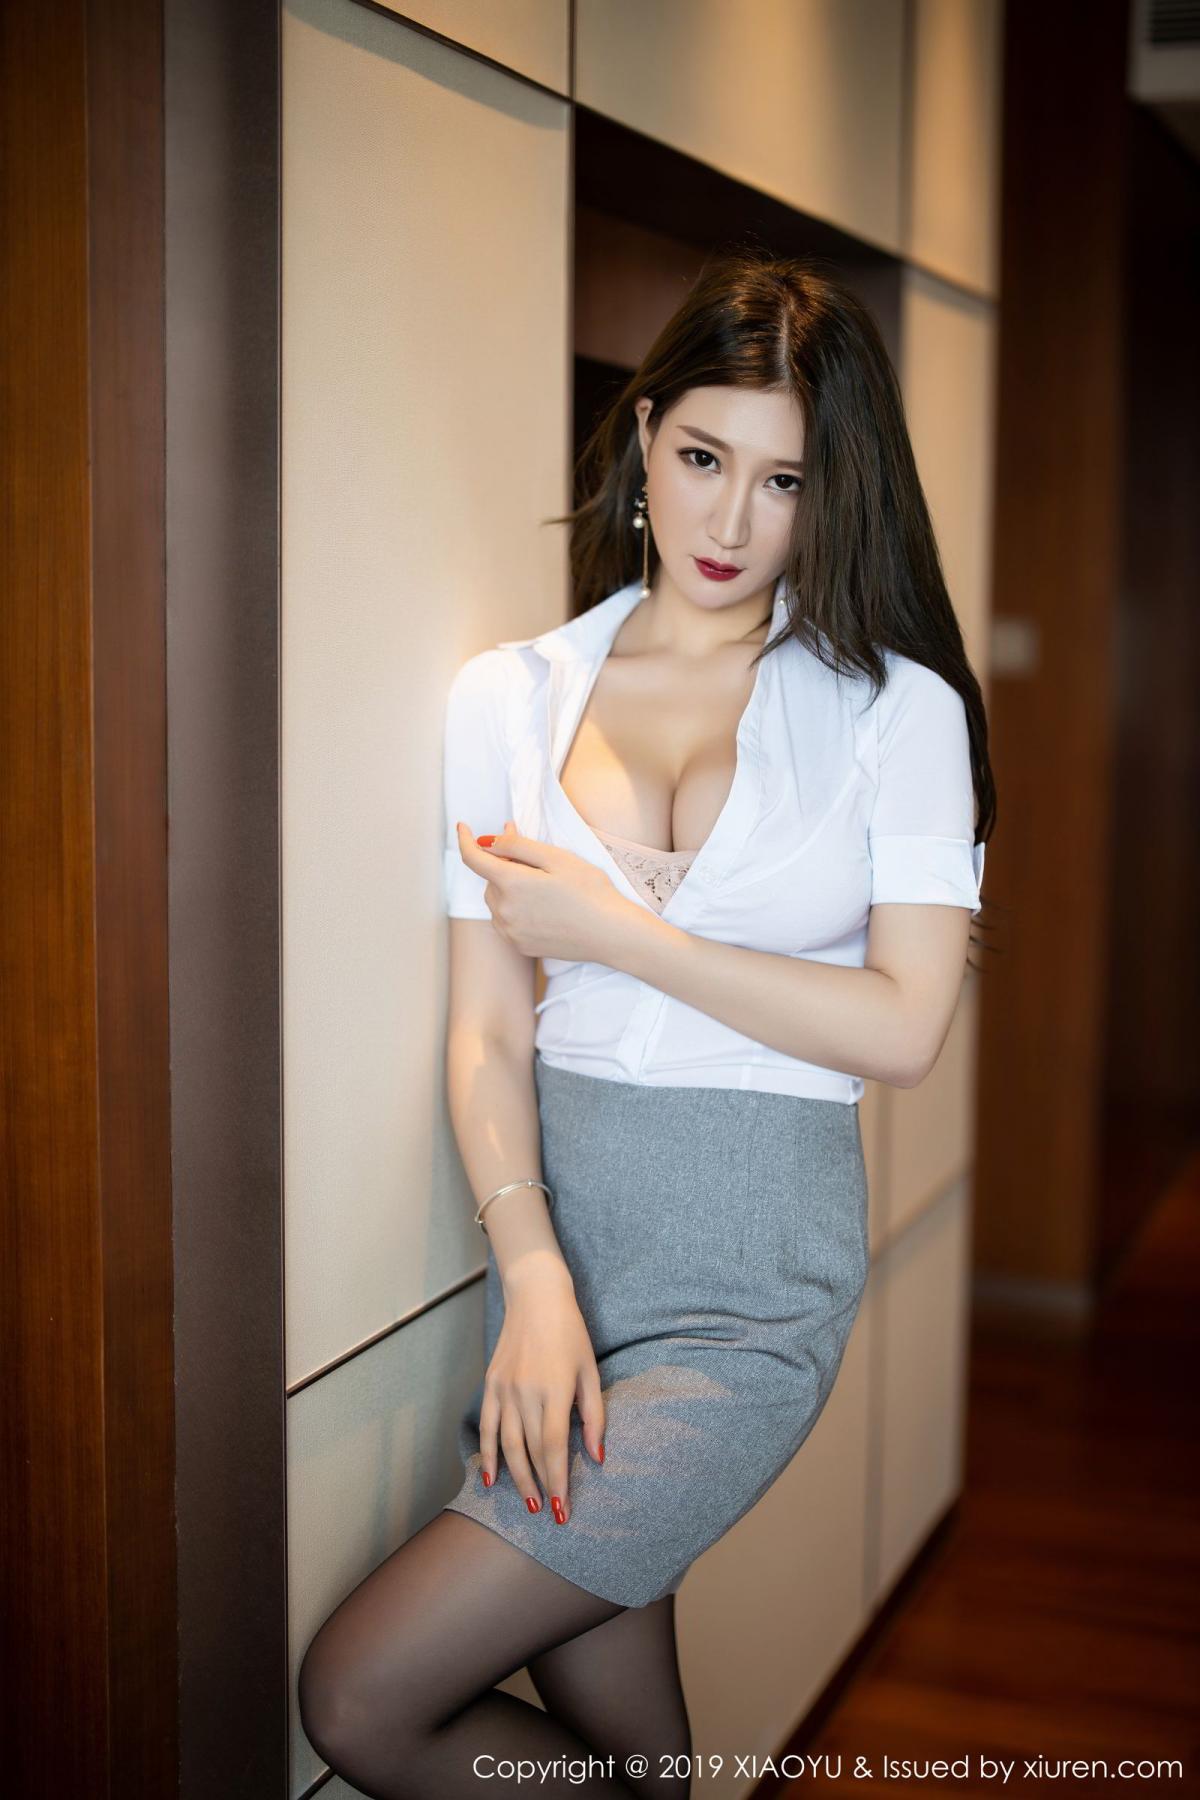 [XiaoYu] Vol.195 Xuan Zi 10P, Tall, Underwear, XiaoYu, Xuan Zi